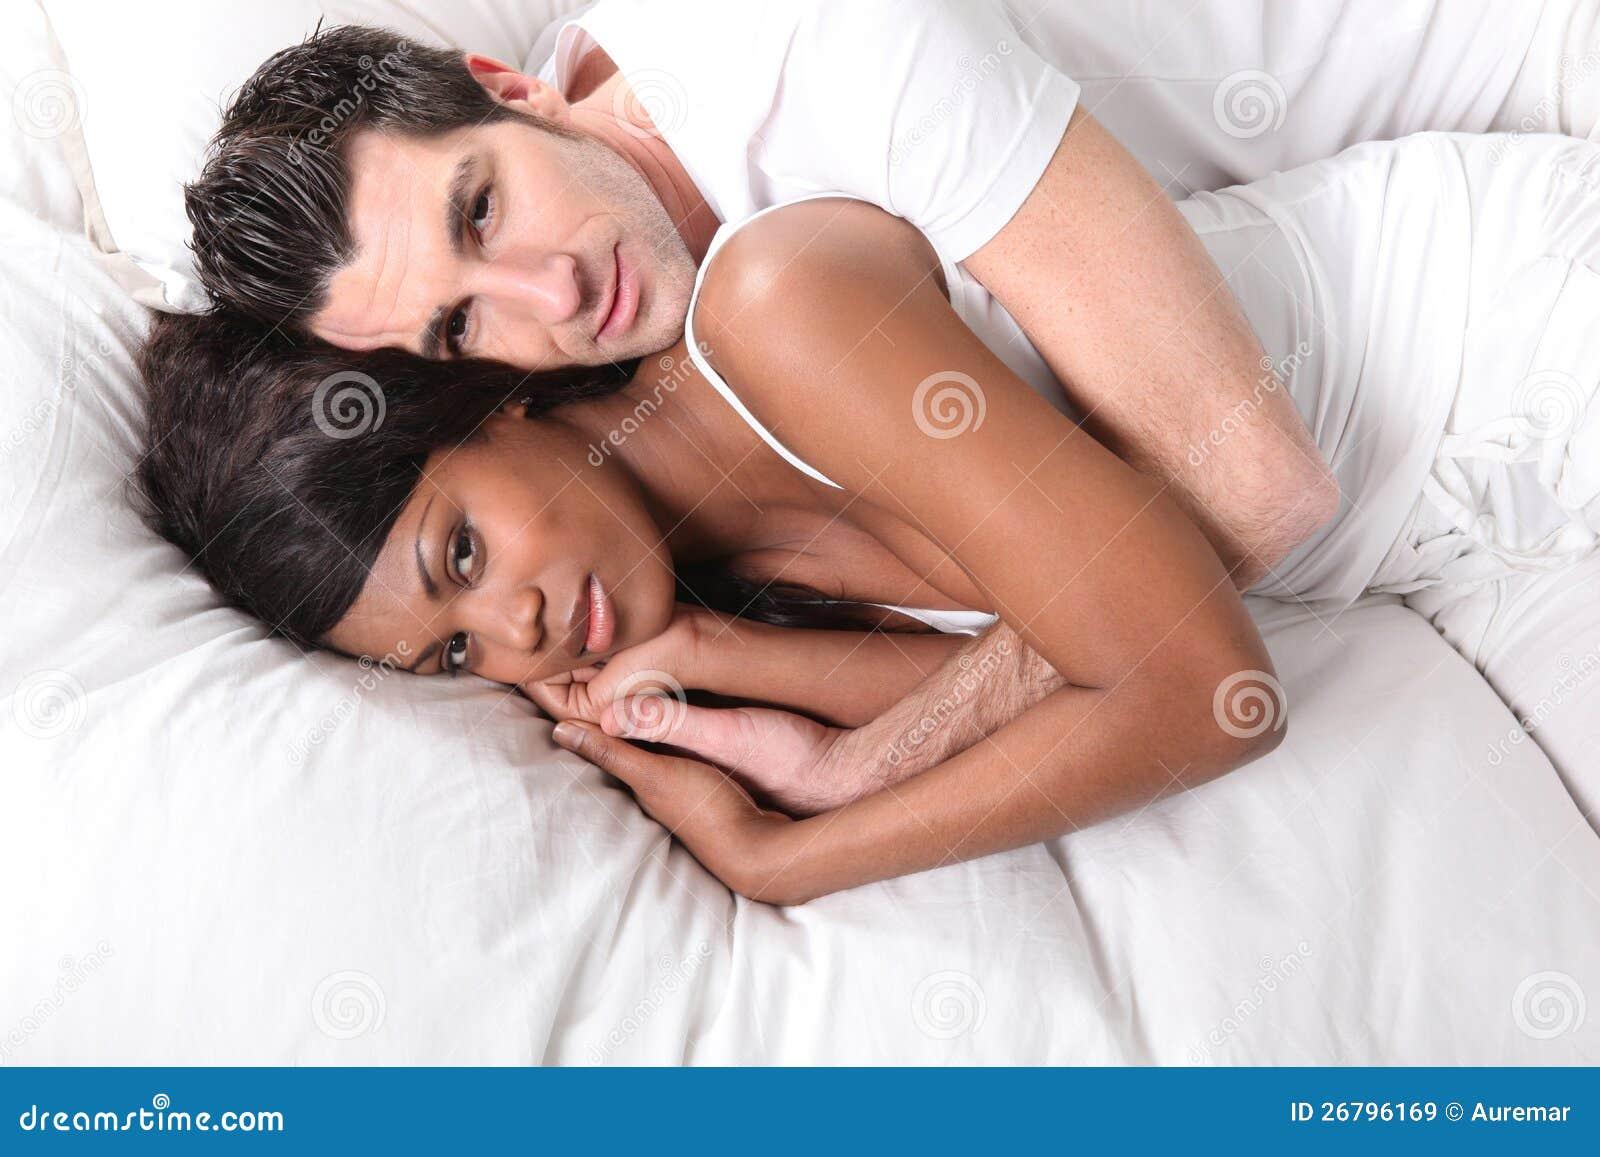 С женой в кровати 8 фотография